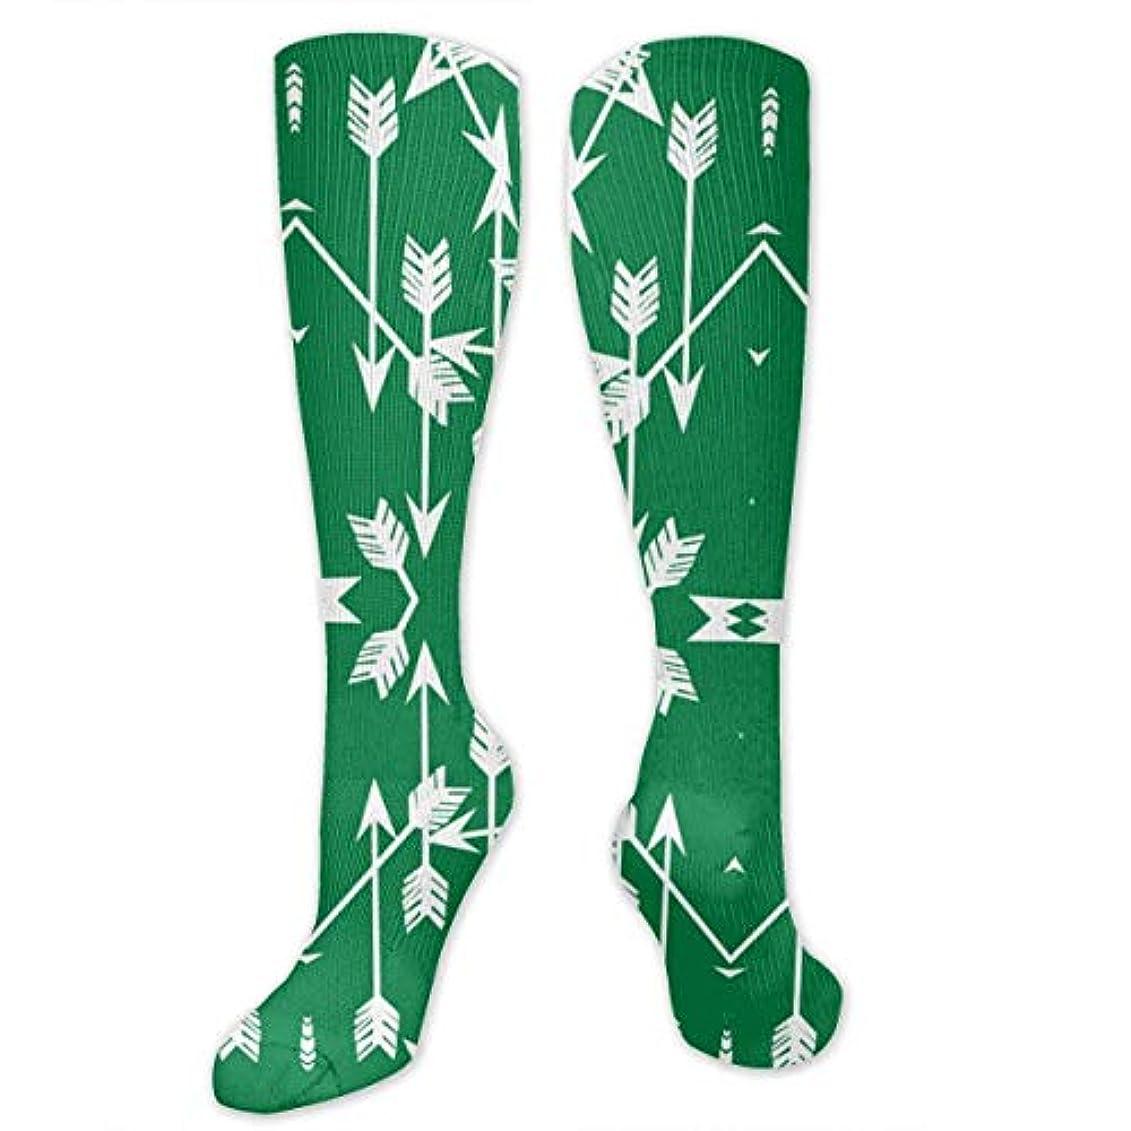 もちろんまたは戦略靴下,ストッキング,野生のジョーカー,実際,秋の本質,冬必須,サマーウェア&RBXAA Arrow Green Socks Women's Winter Cotton Long Tube Socks Cotton Solid...